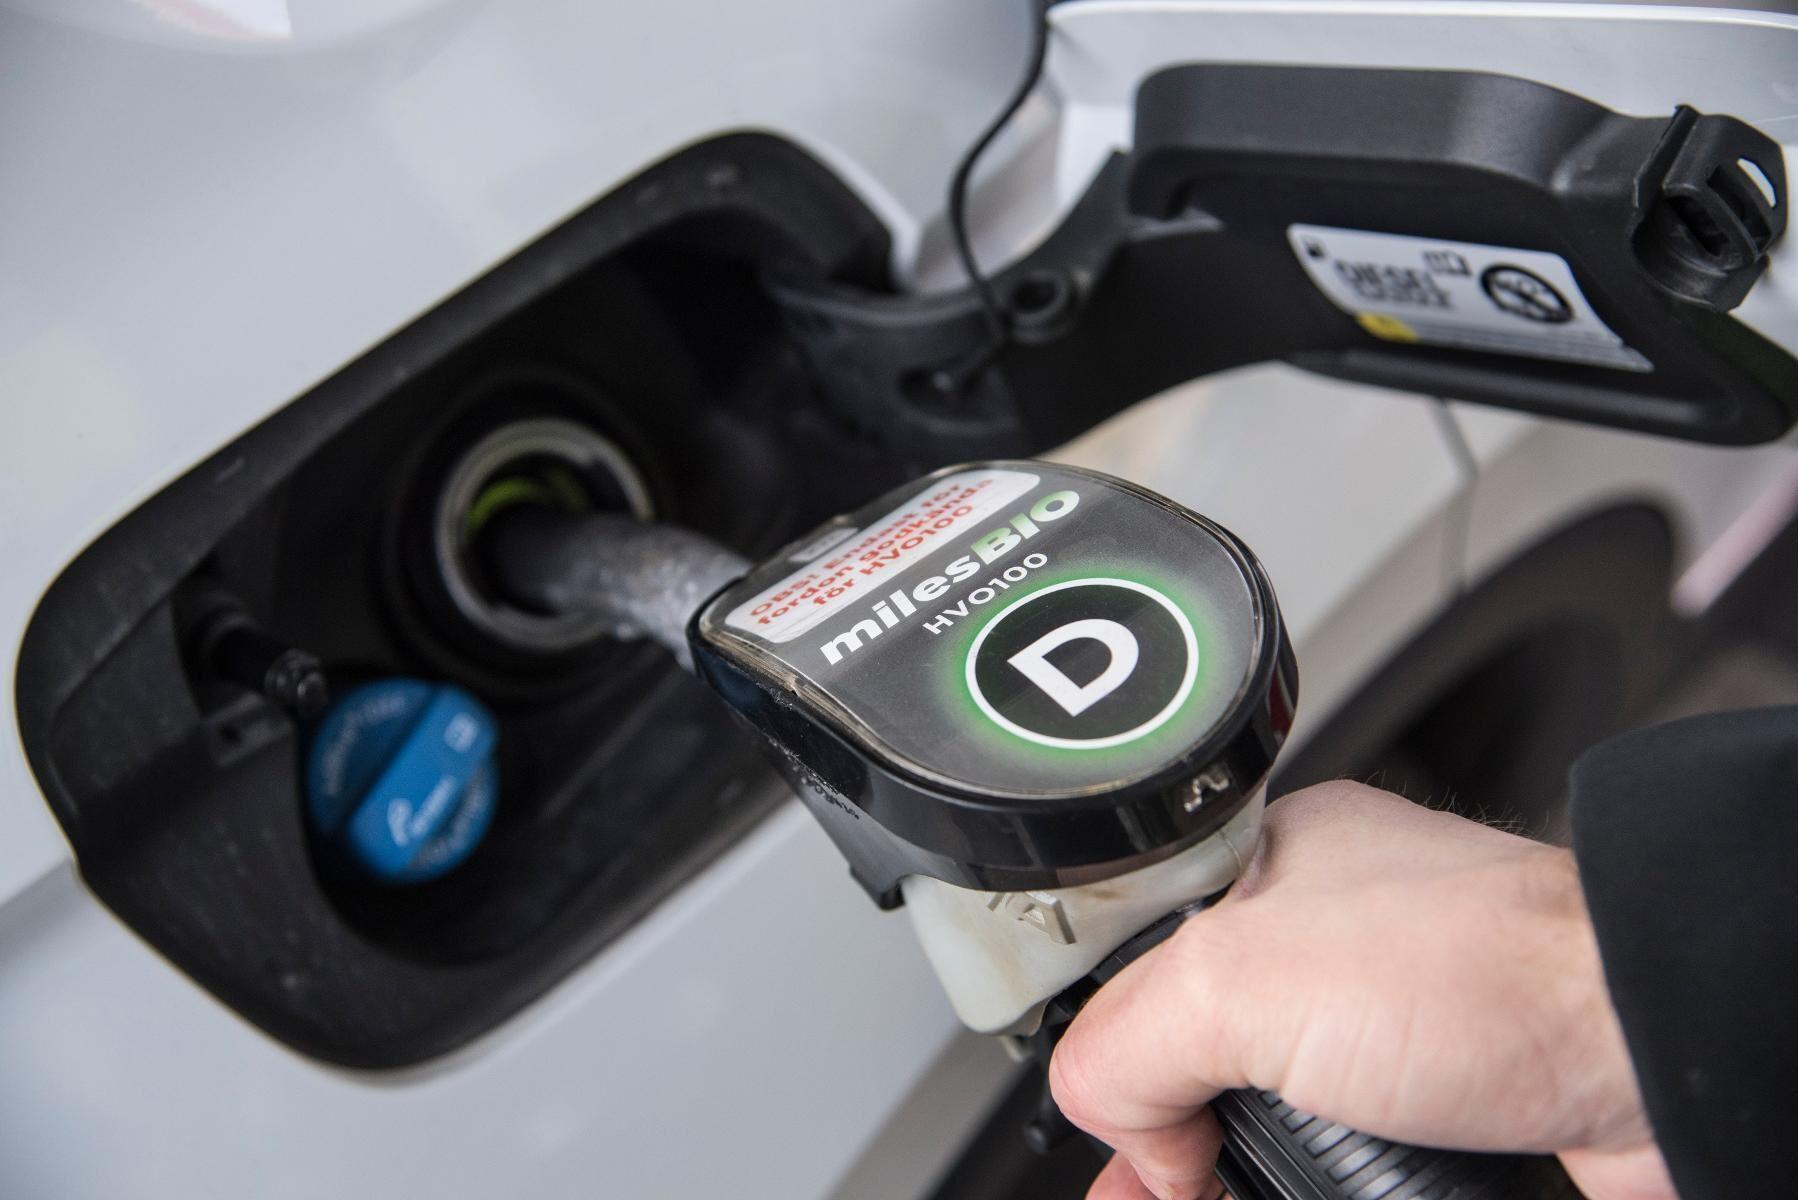 Från och med 1 augusti 2021 ska inblandningen av biodrivmedel öka i svenskt fordonsbränsle och den 1 januari 2022 förbjuds bränslen som baseras på palmolja. Arkivbild.